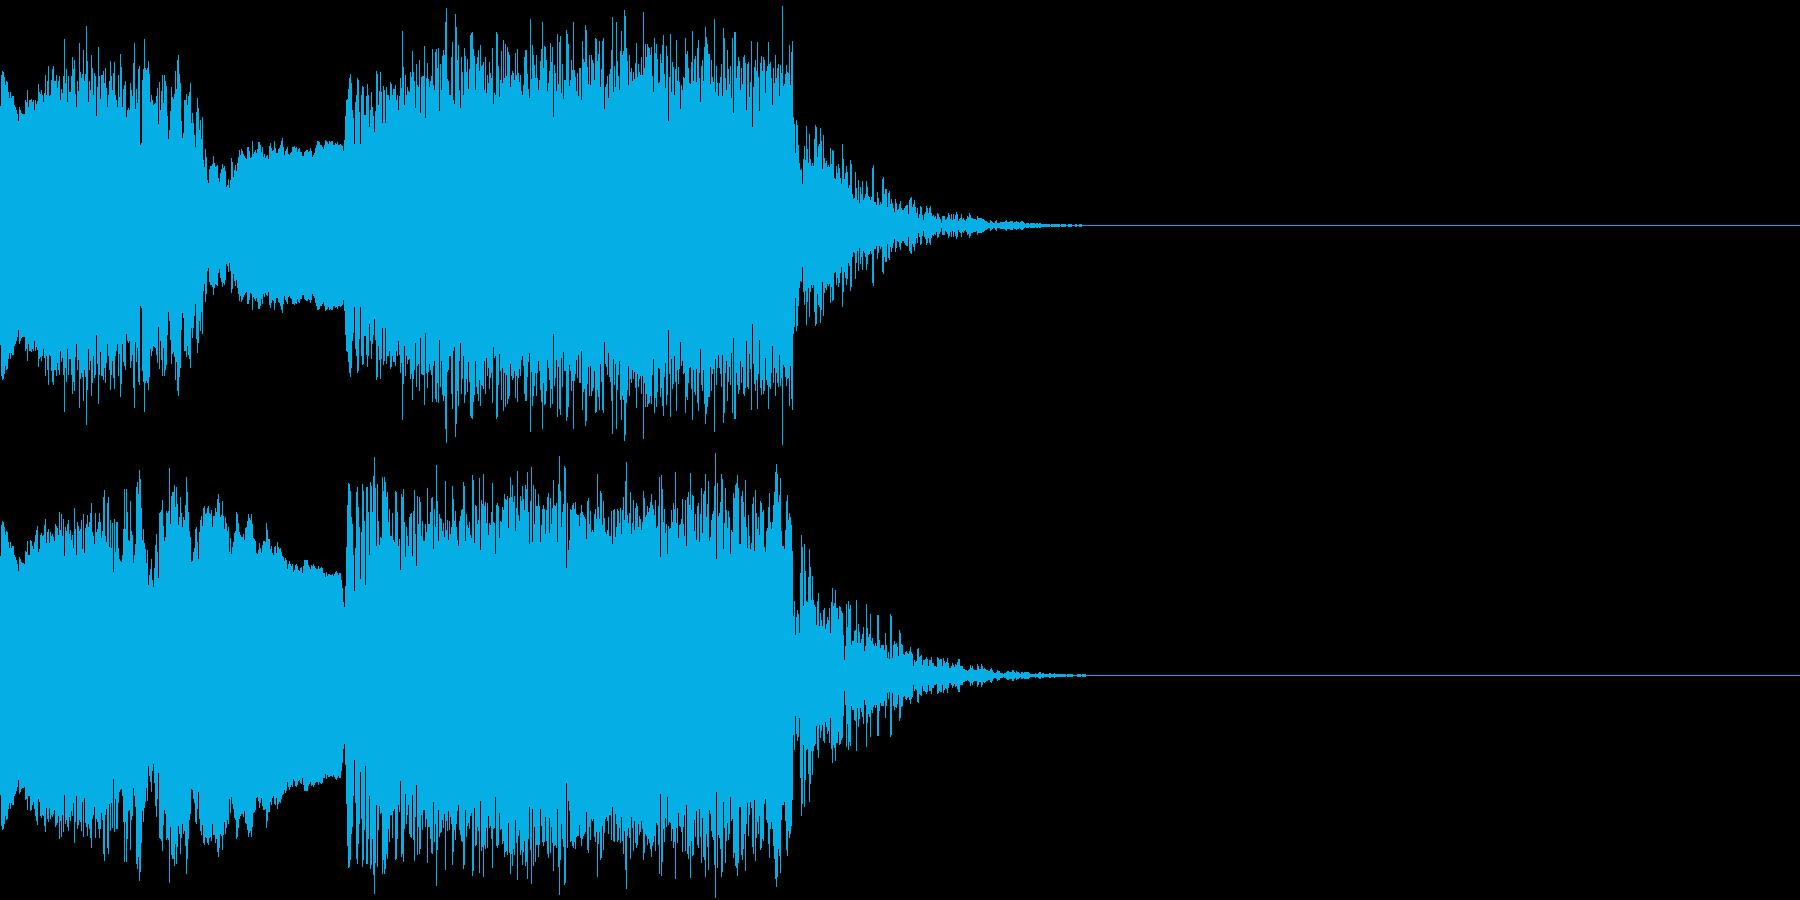 キュイン キーン シャキーン 光る 15の再生済みの波形